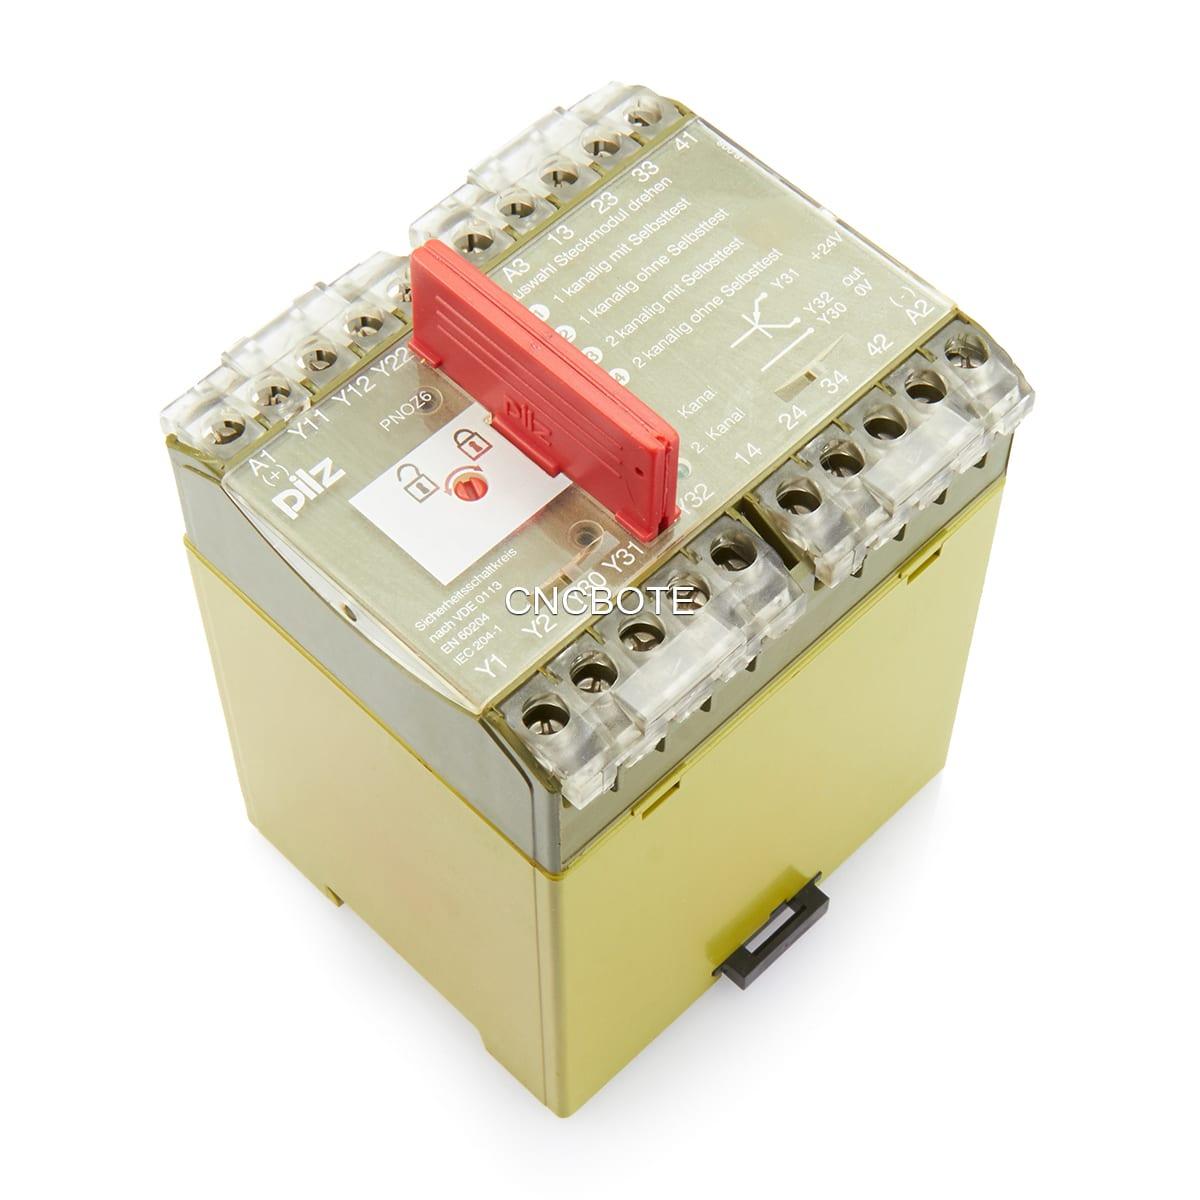 MURR ELEKTRONIK 7000-41601-6360000 7000416016360000 BRAND NEW